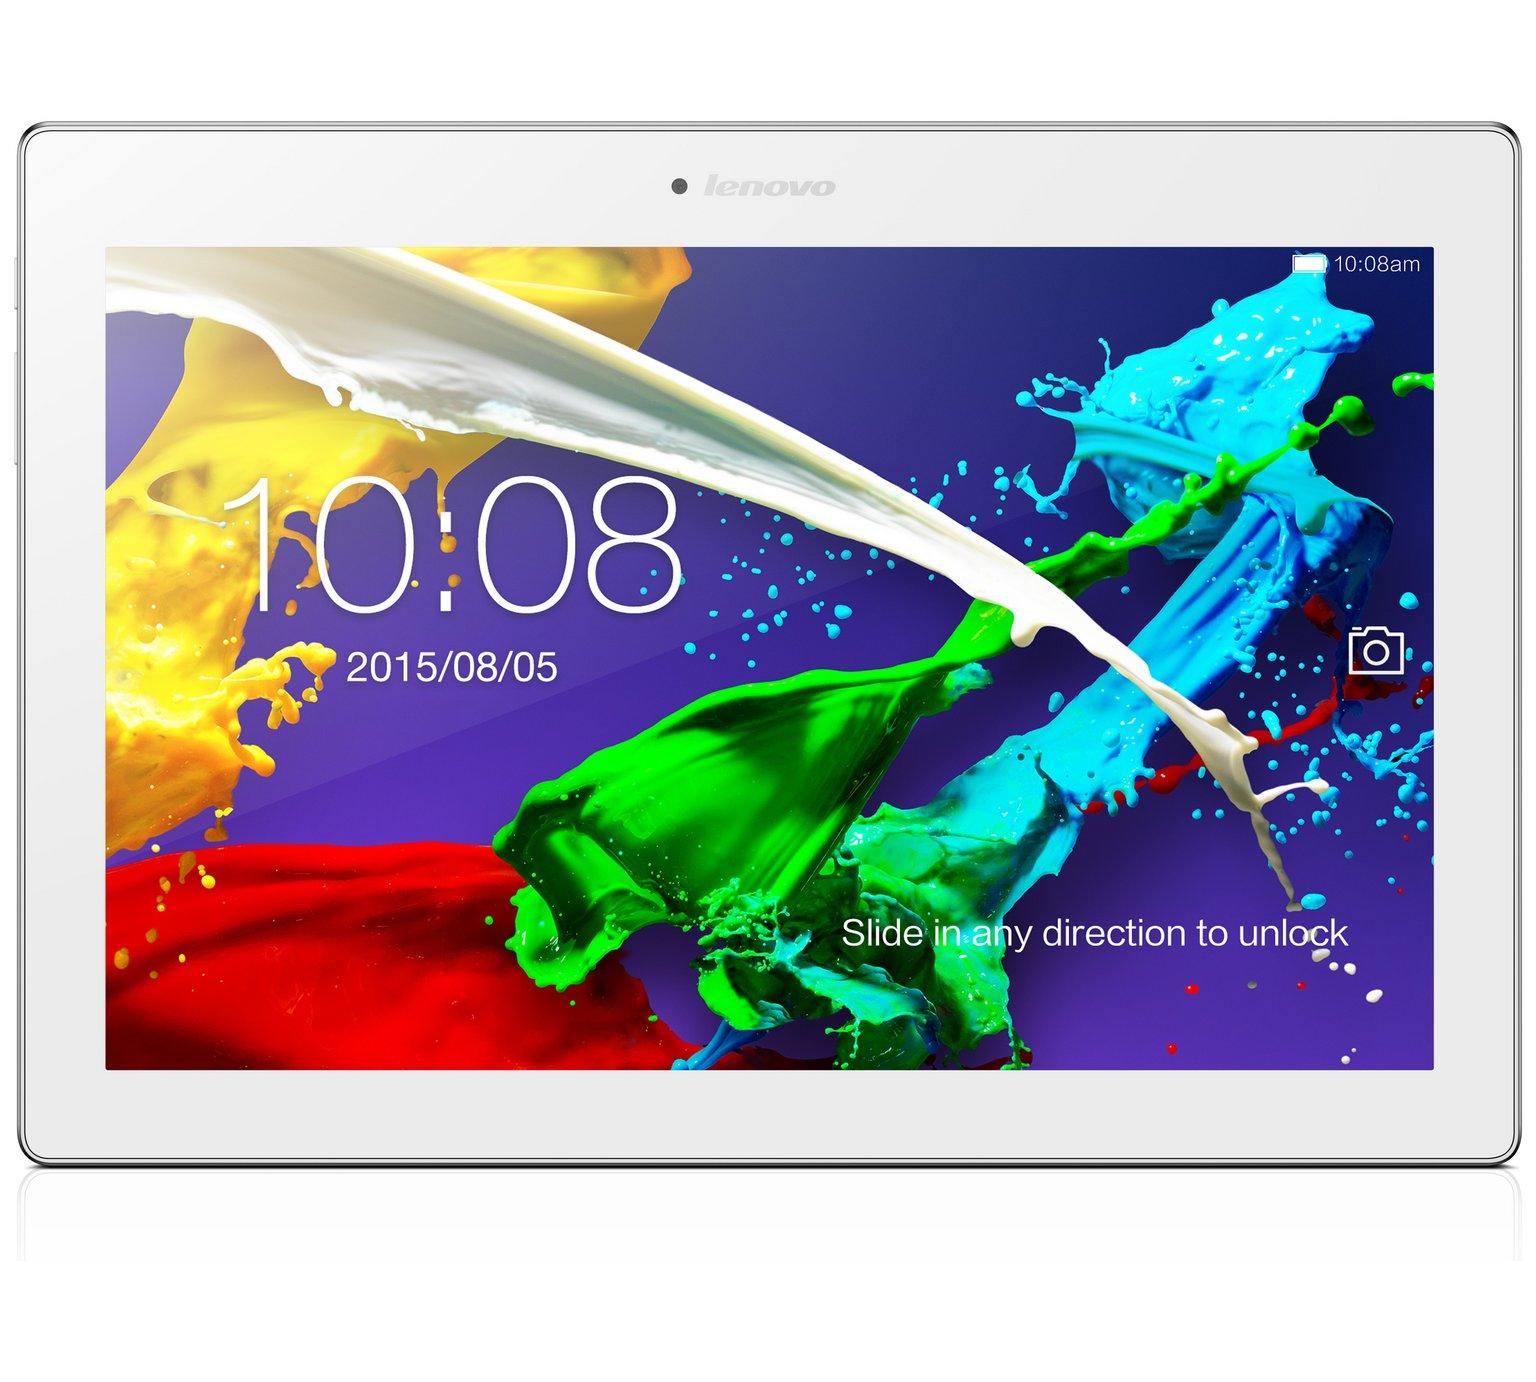 Lenovo Tab 2 A10 16Gb Tablet - Pearl white + £10 voucher - £139.99 @ Argos